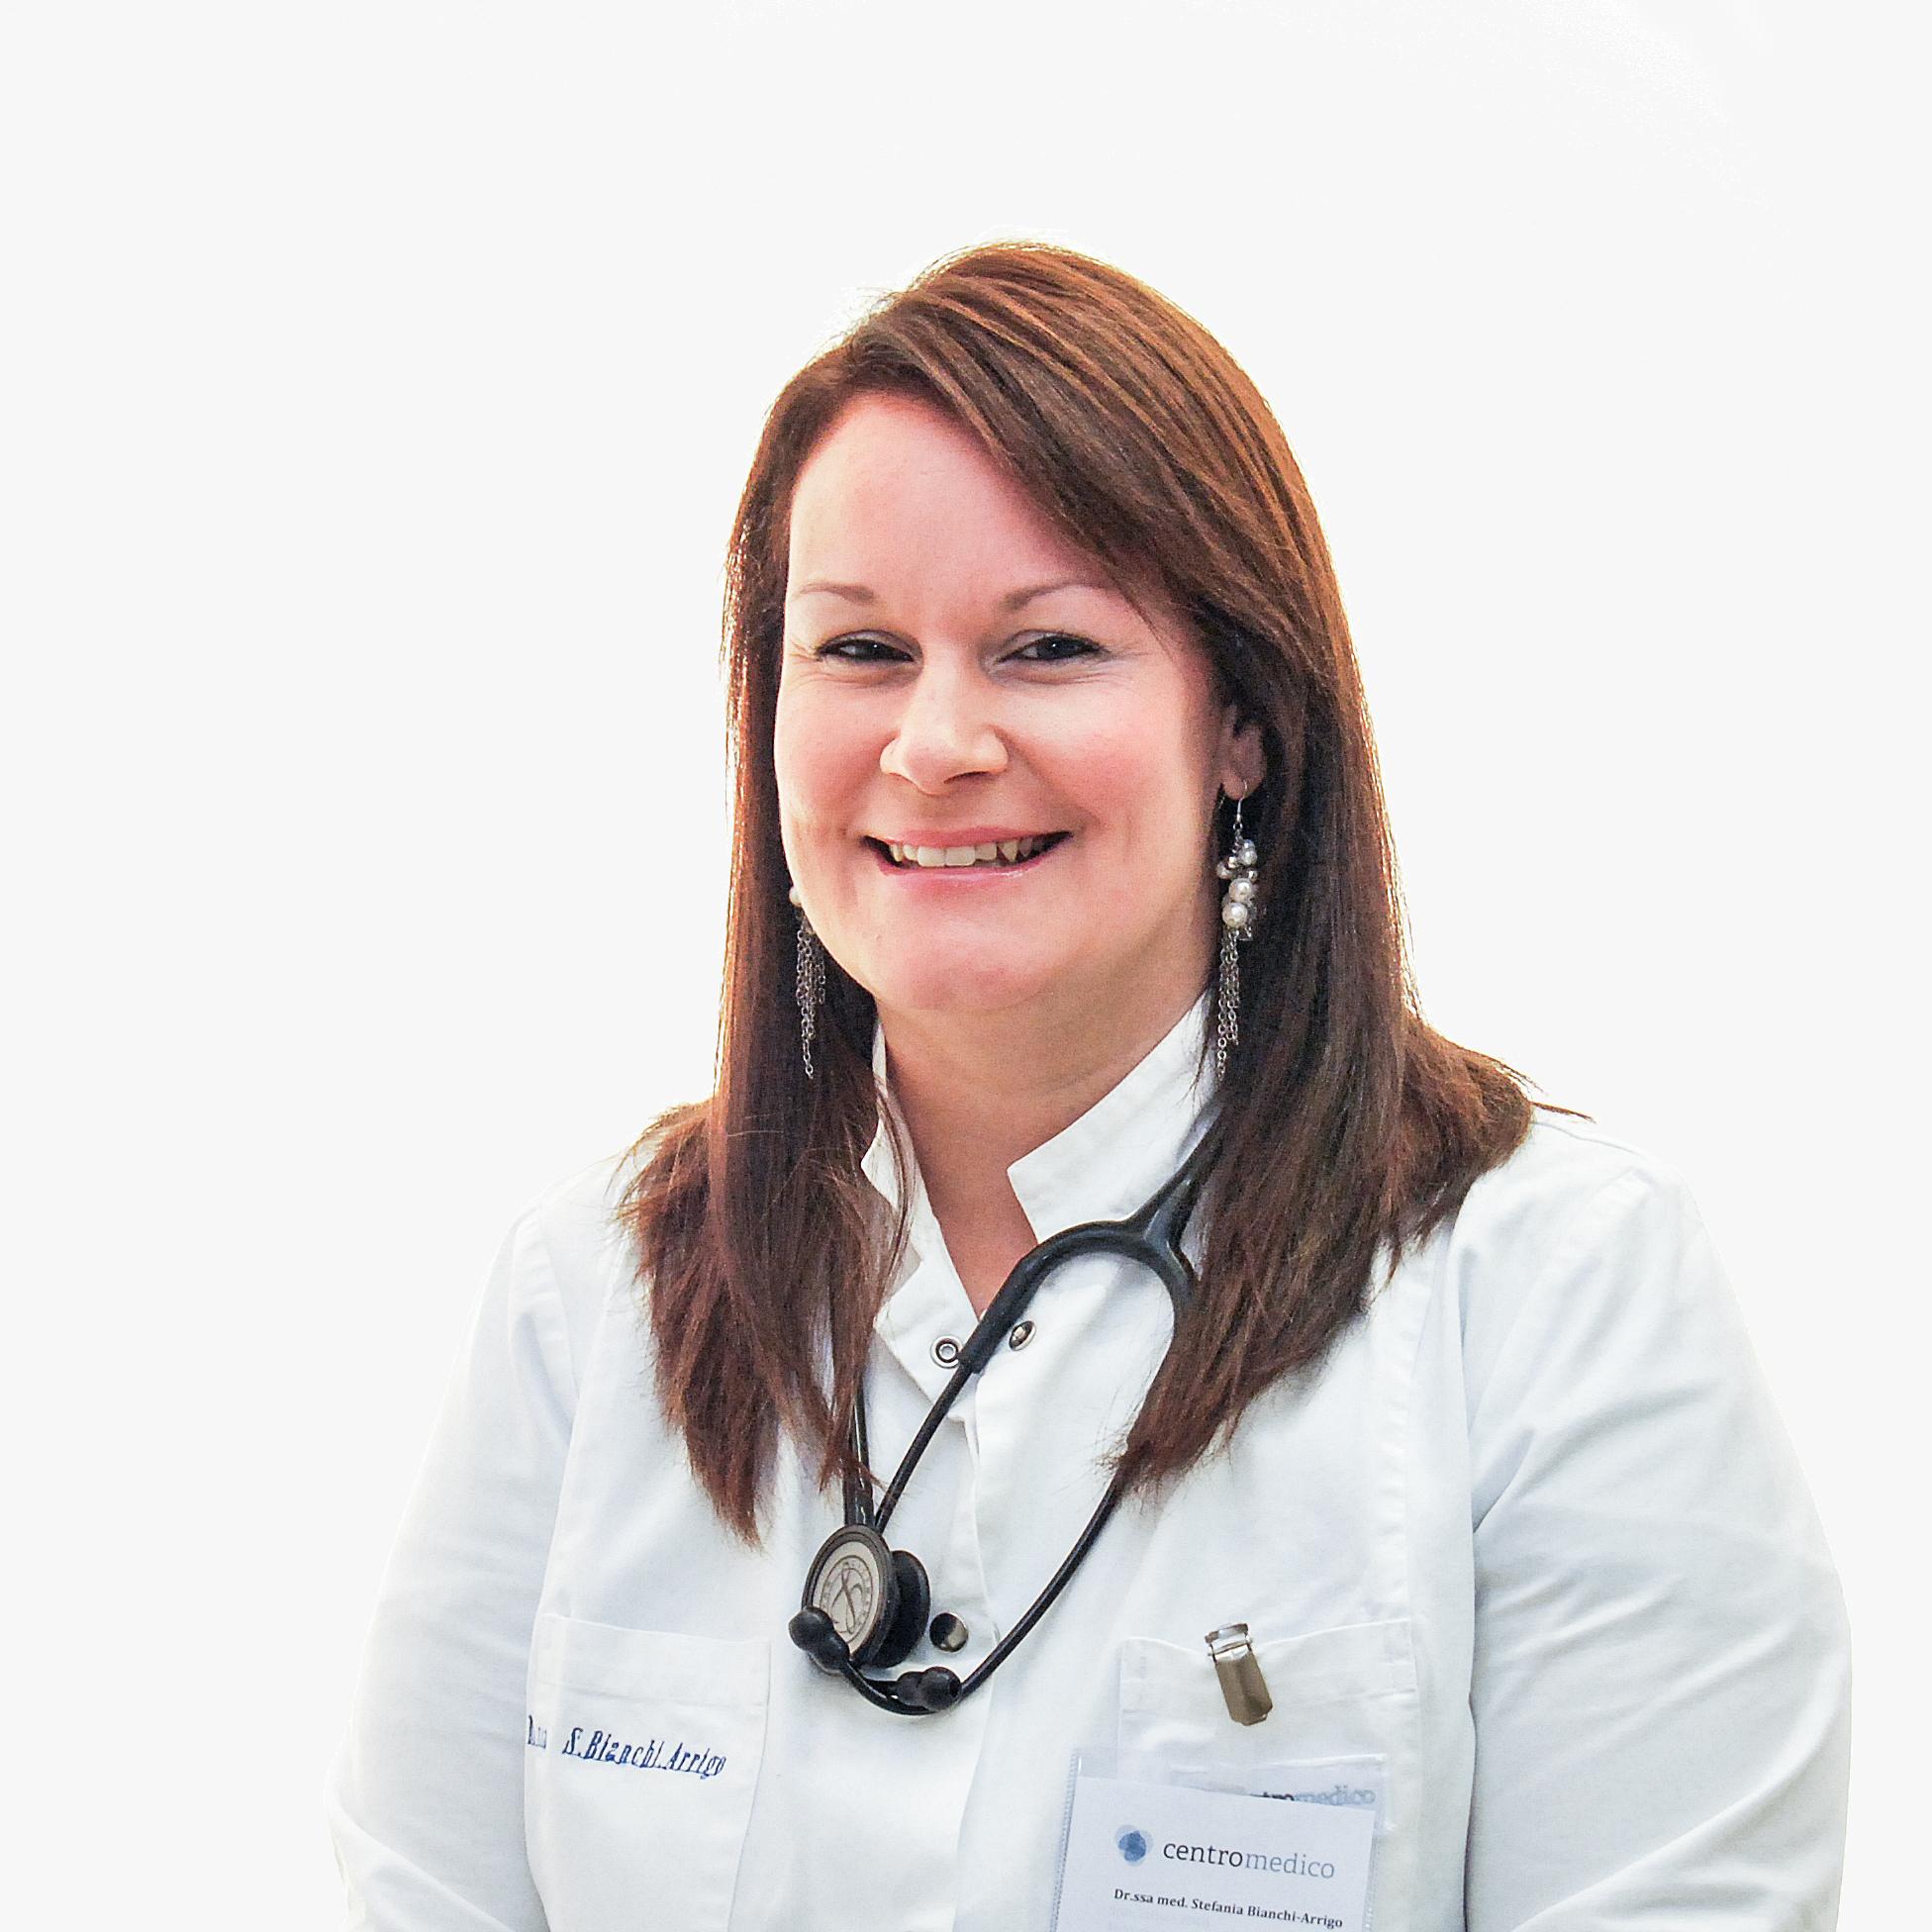 Dr.Bianchi Arrigo-Modifica